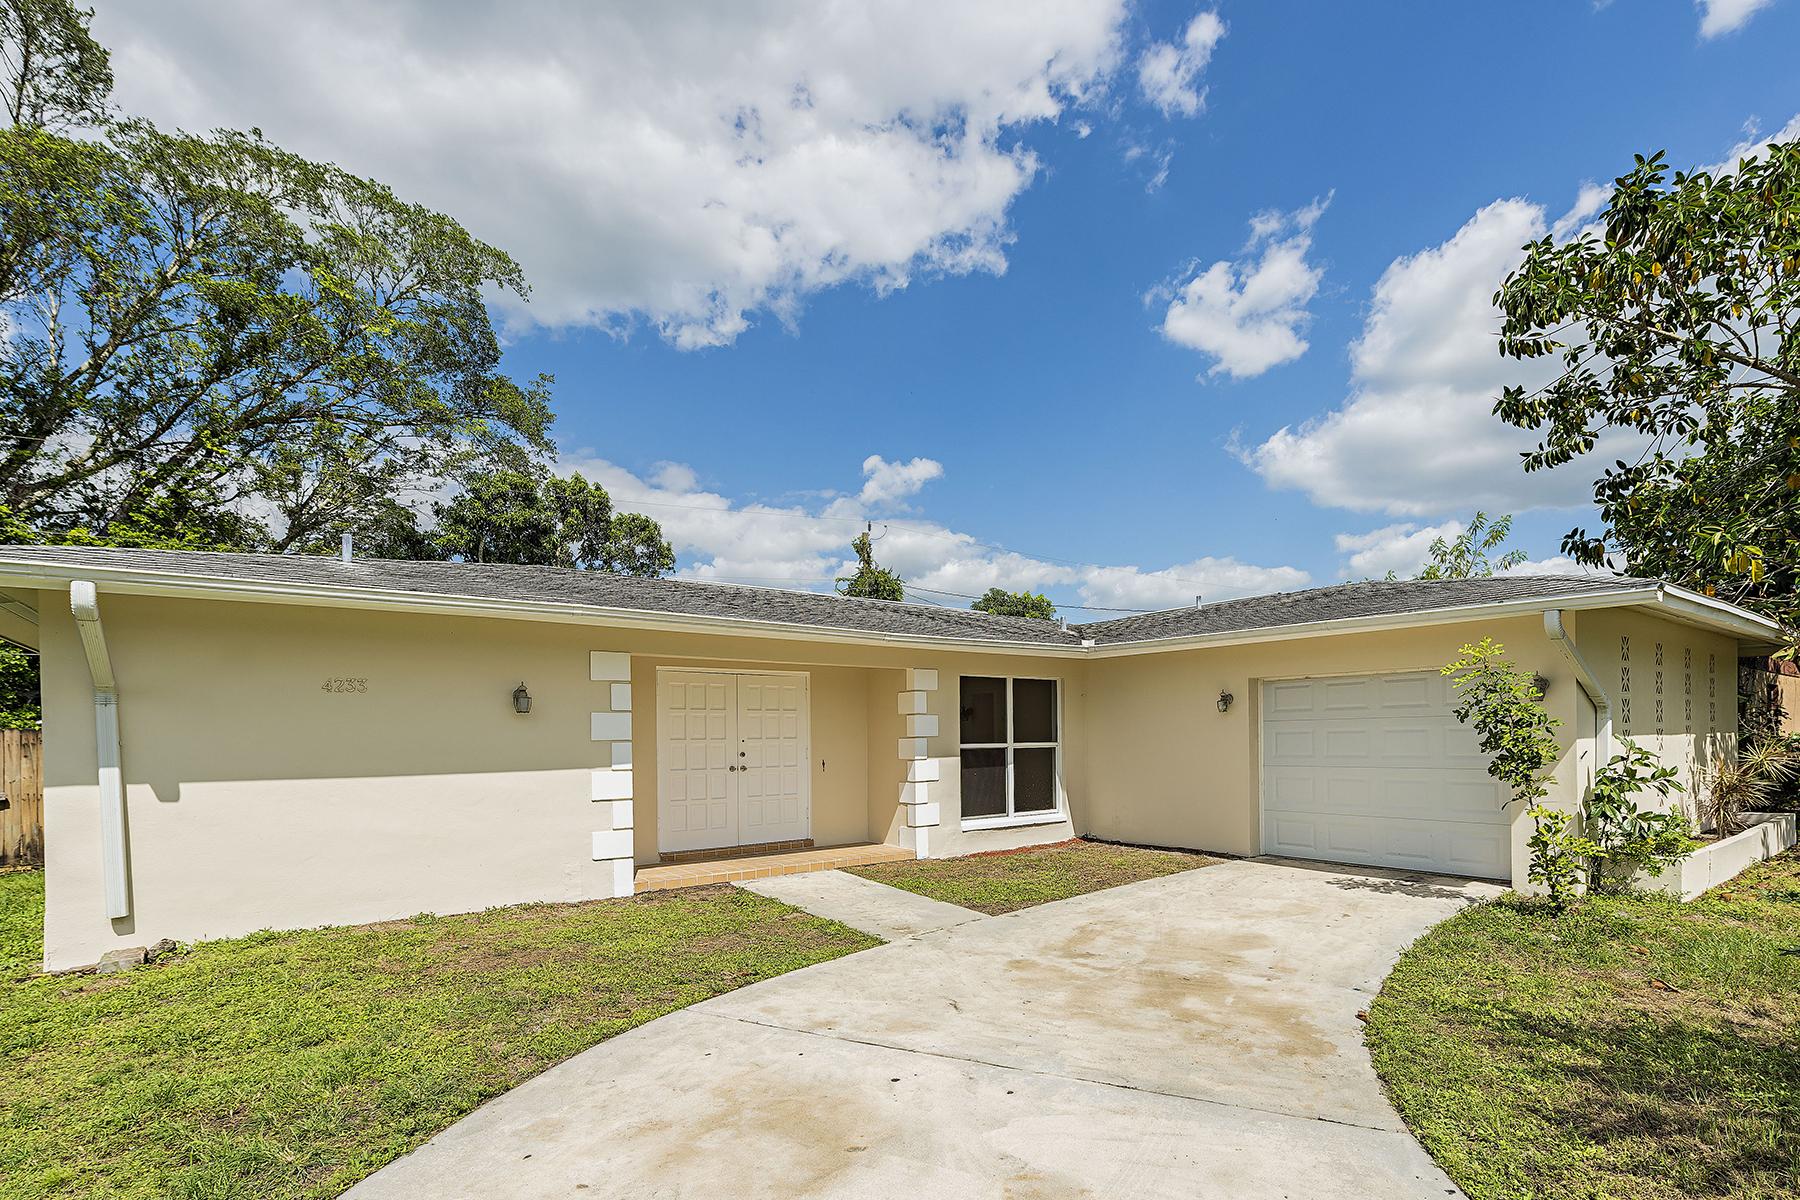 Casa Unifamiliar por un Venta en GOLDEN GATE CITY 4233 20th Pl SW Naples, Florida, 34116 Estados Unidos